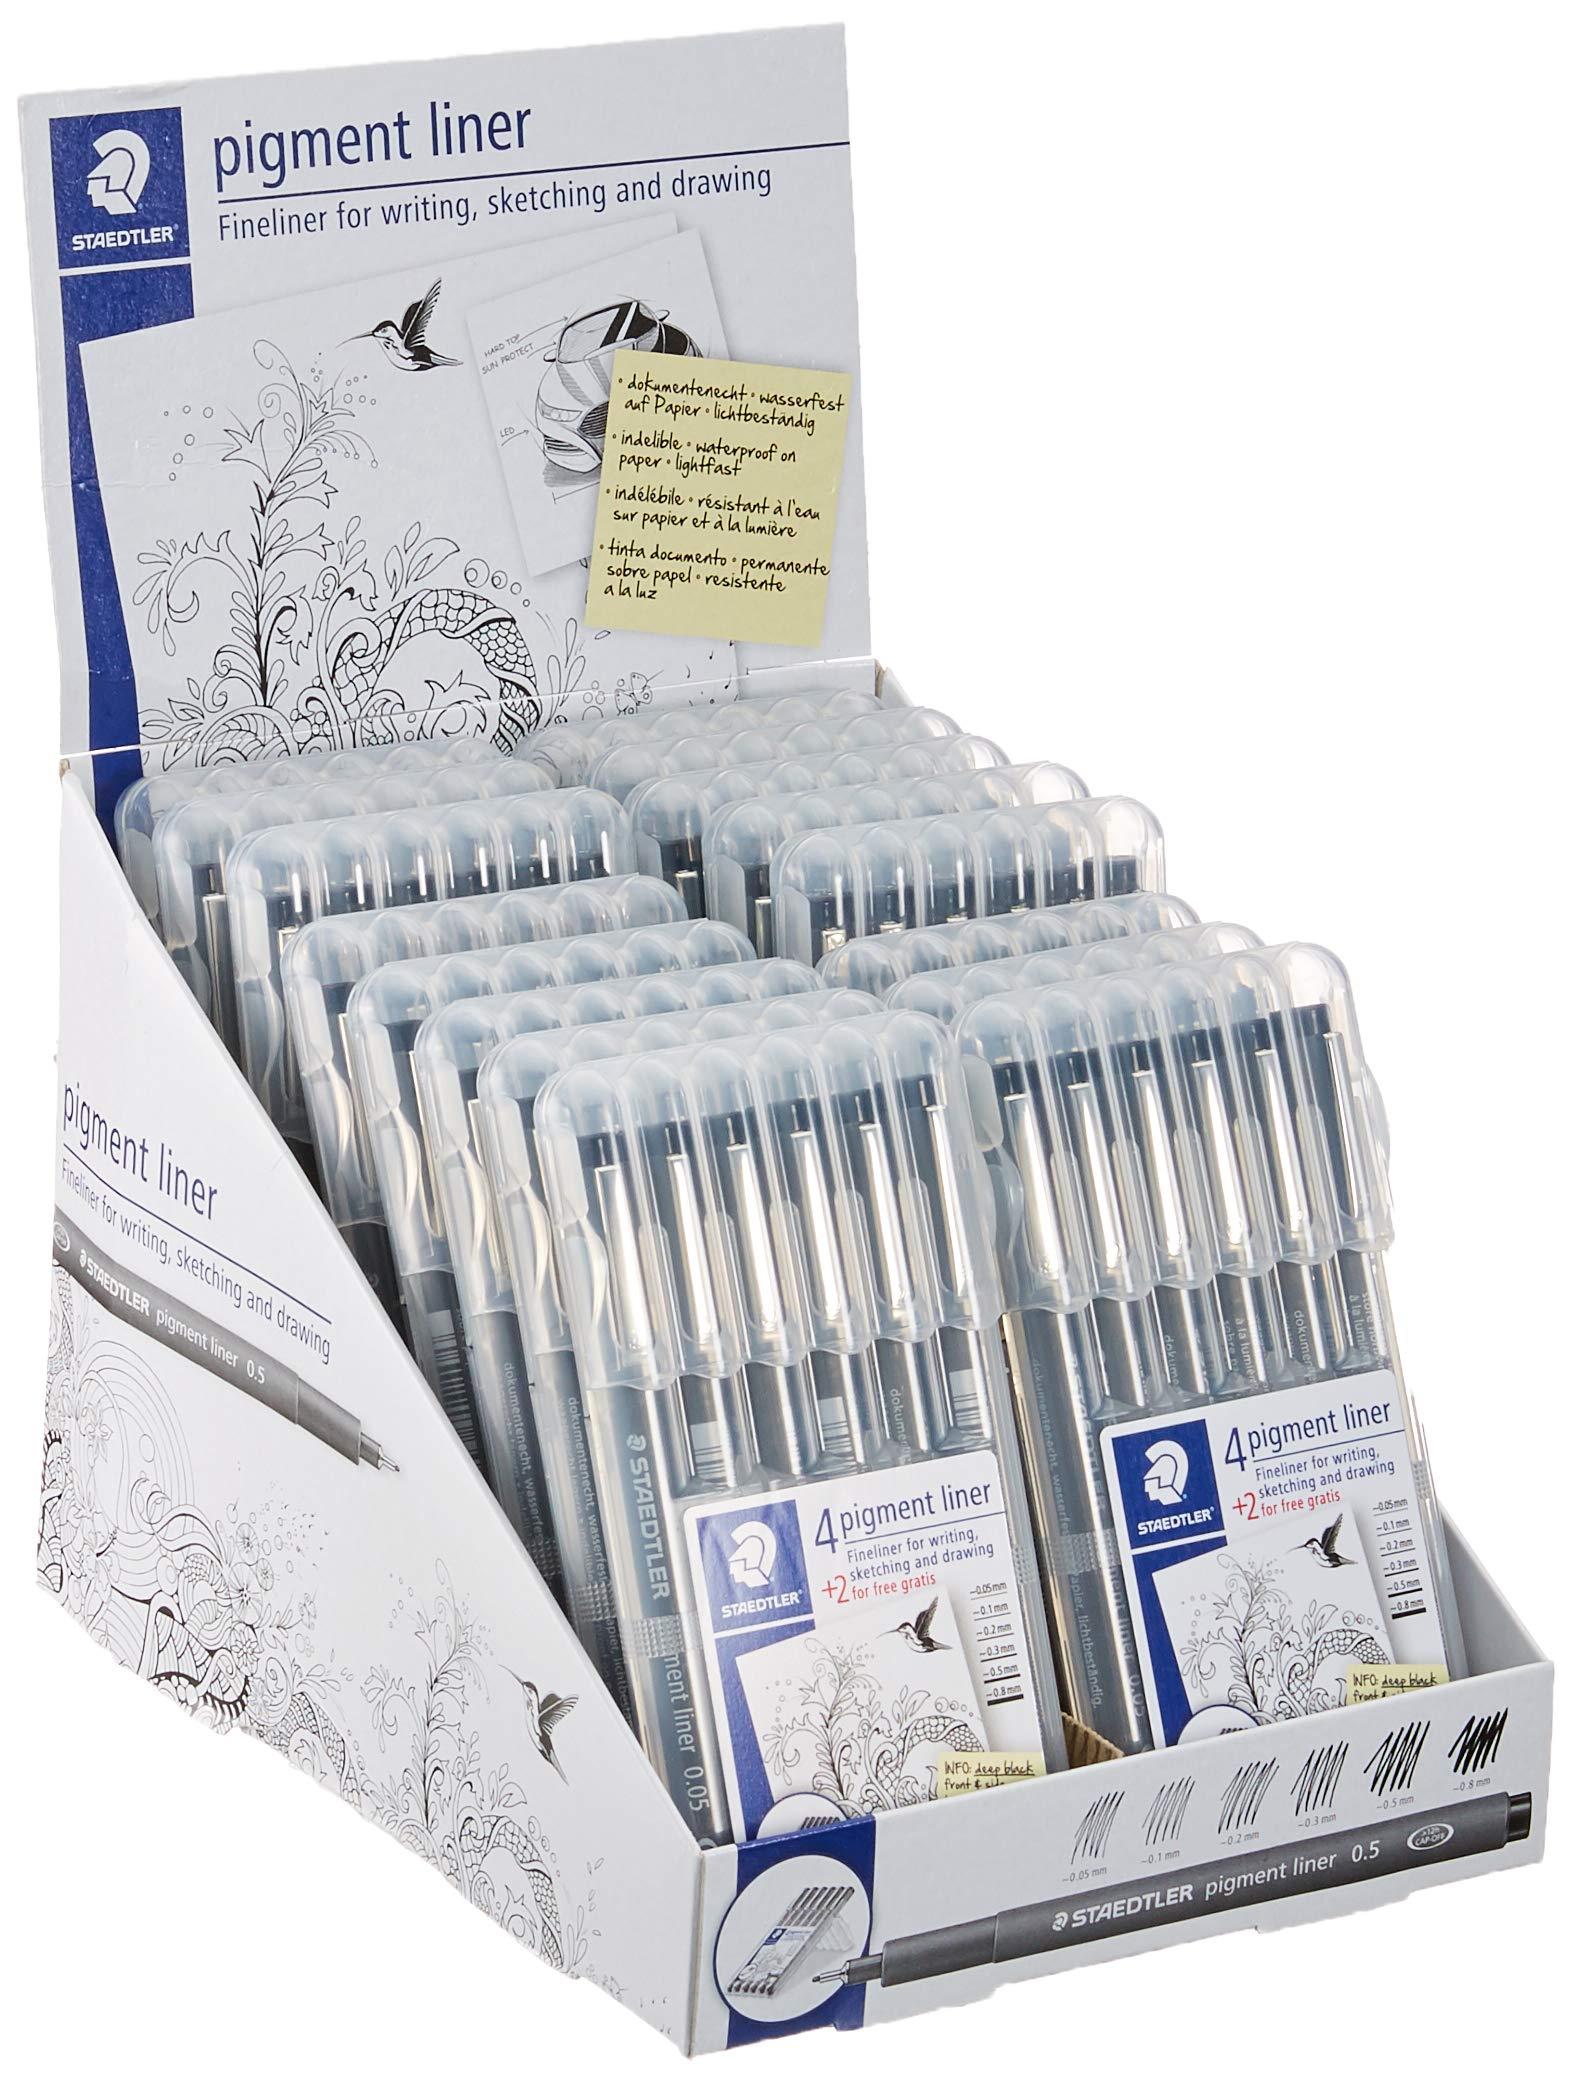 Staedtler 308 SB6P VE Pigment Liner 308 16 x 6 (4+2 Free) Black Pigment Ink Felt Tip Pens for Sketching/Drawing 0.5/0.1/0.2/0.3/0.5/0.8 mm